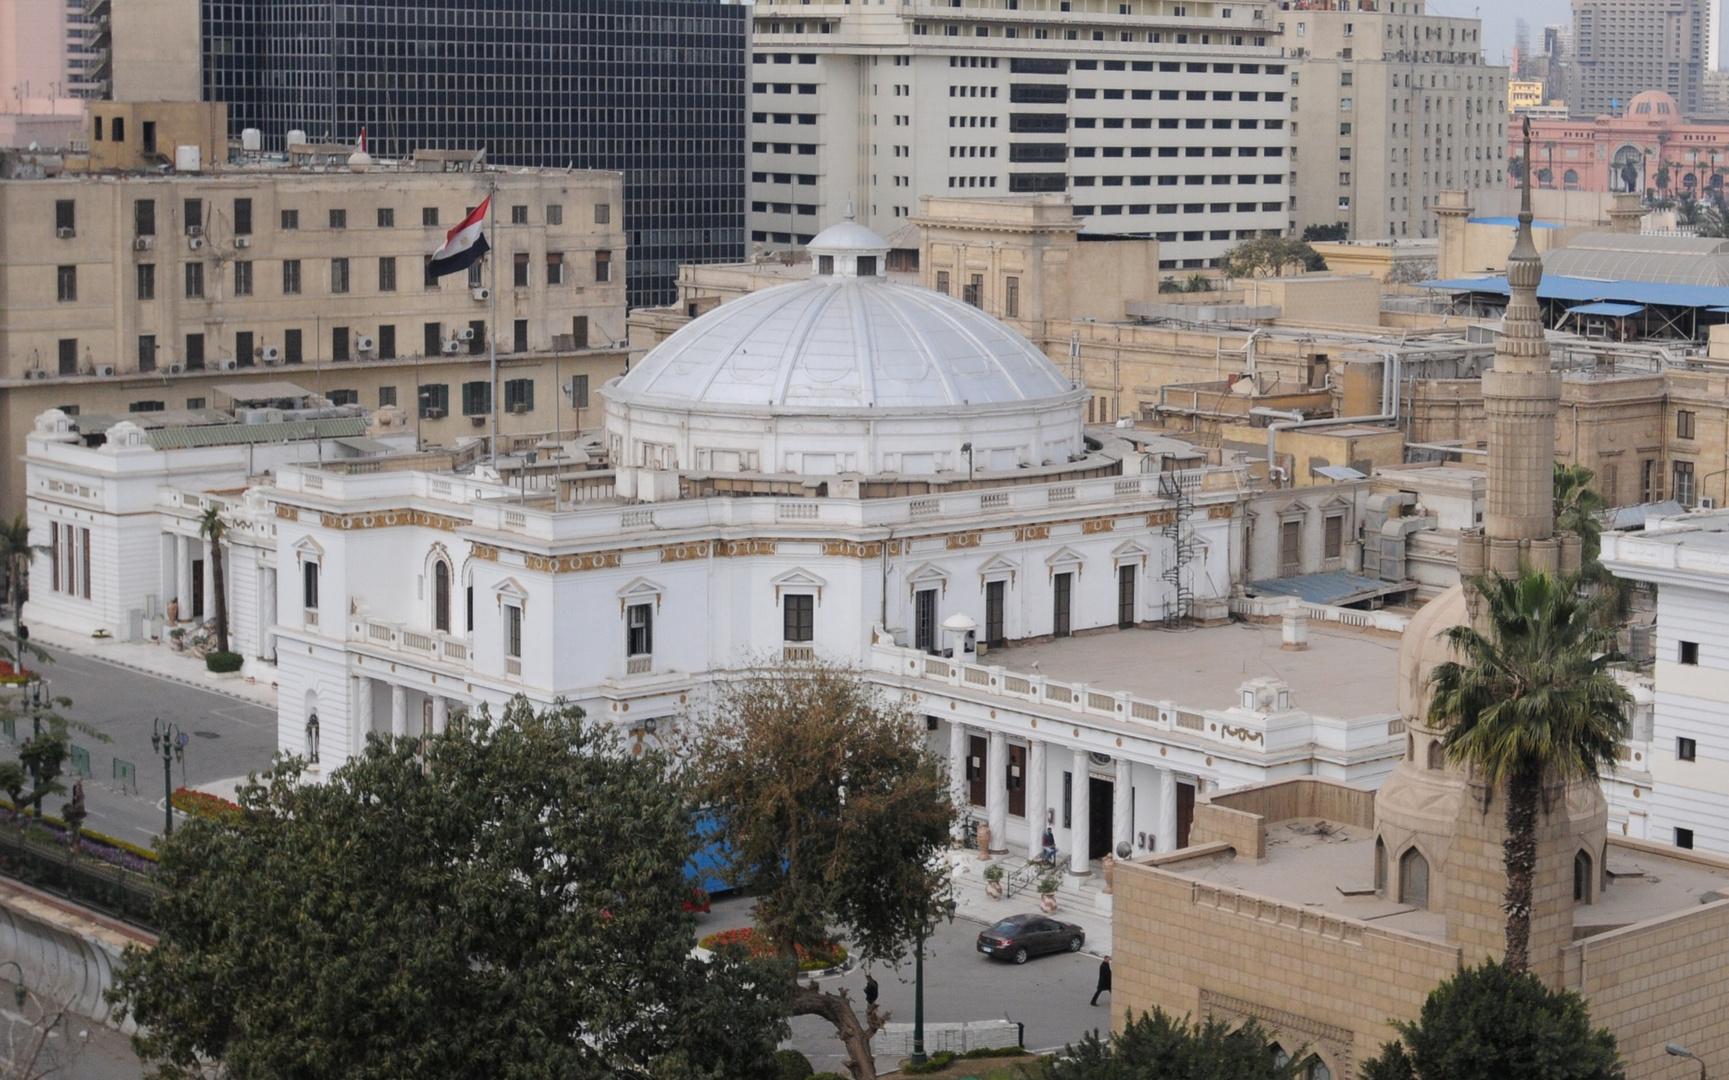 جدل حول إمكانية تقييد سفر أعضاء مجلس الشيوخ المصري خوفا من خيانتهم للبلاد أو القبض عليهم